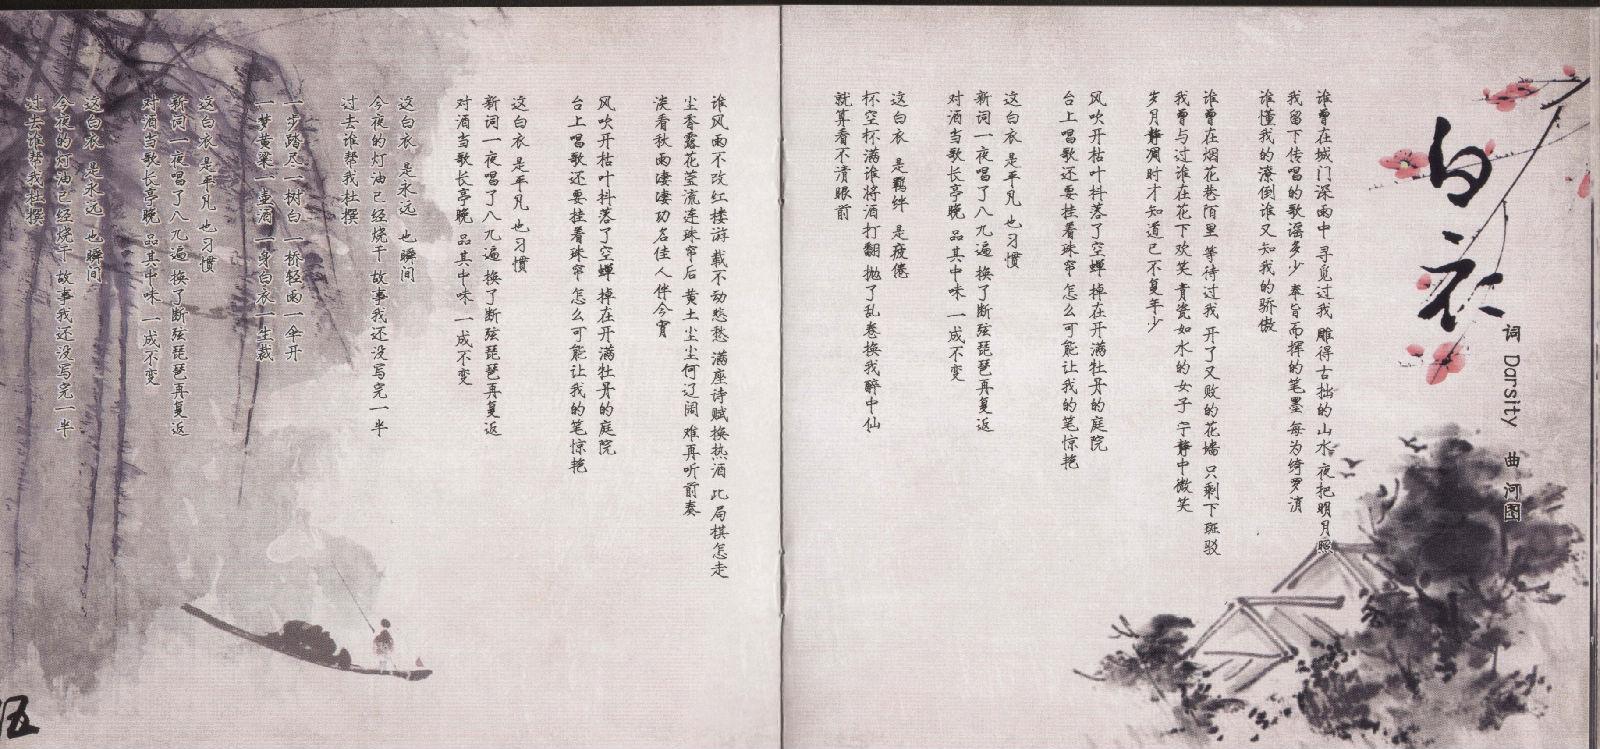 【祁师风采】河图,墨明棋妙图片